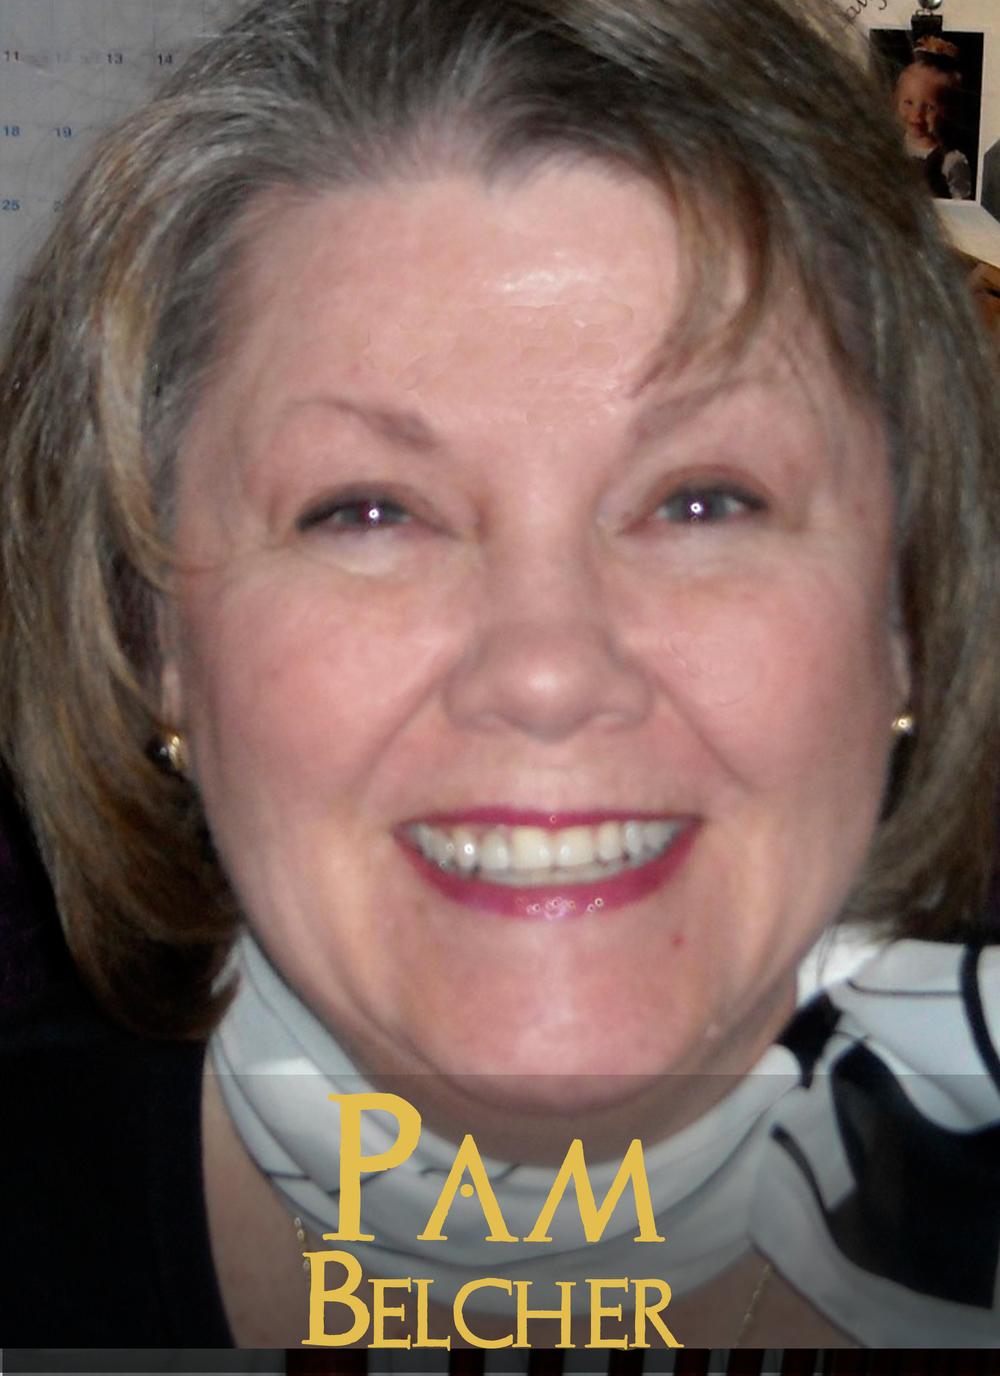 Pam Belcher